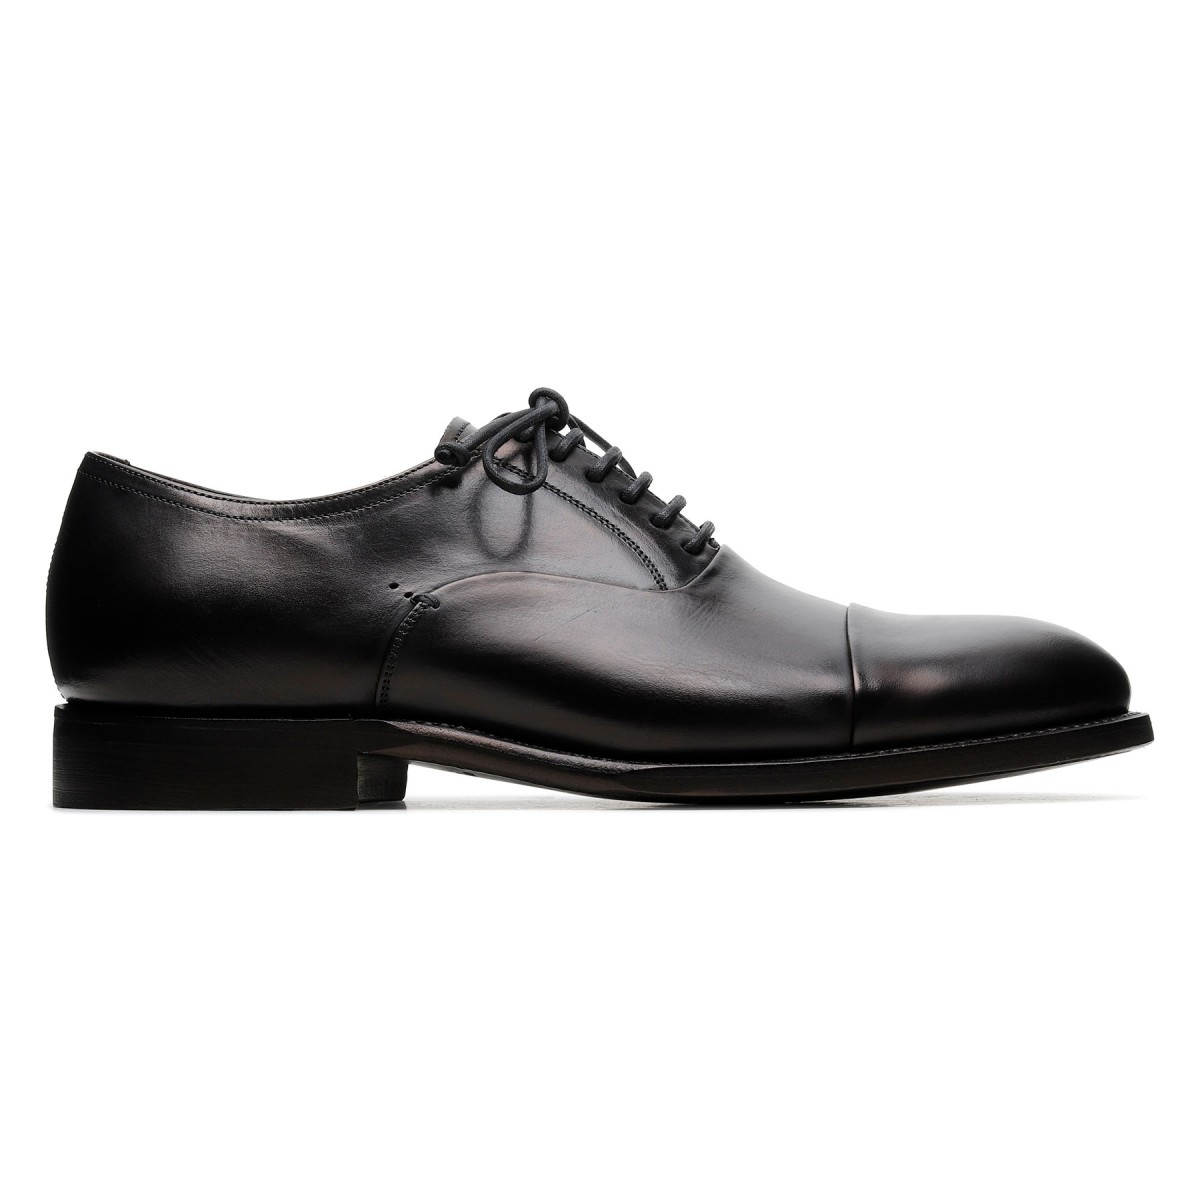 Parigi black leather Derby shoes